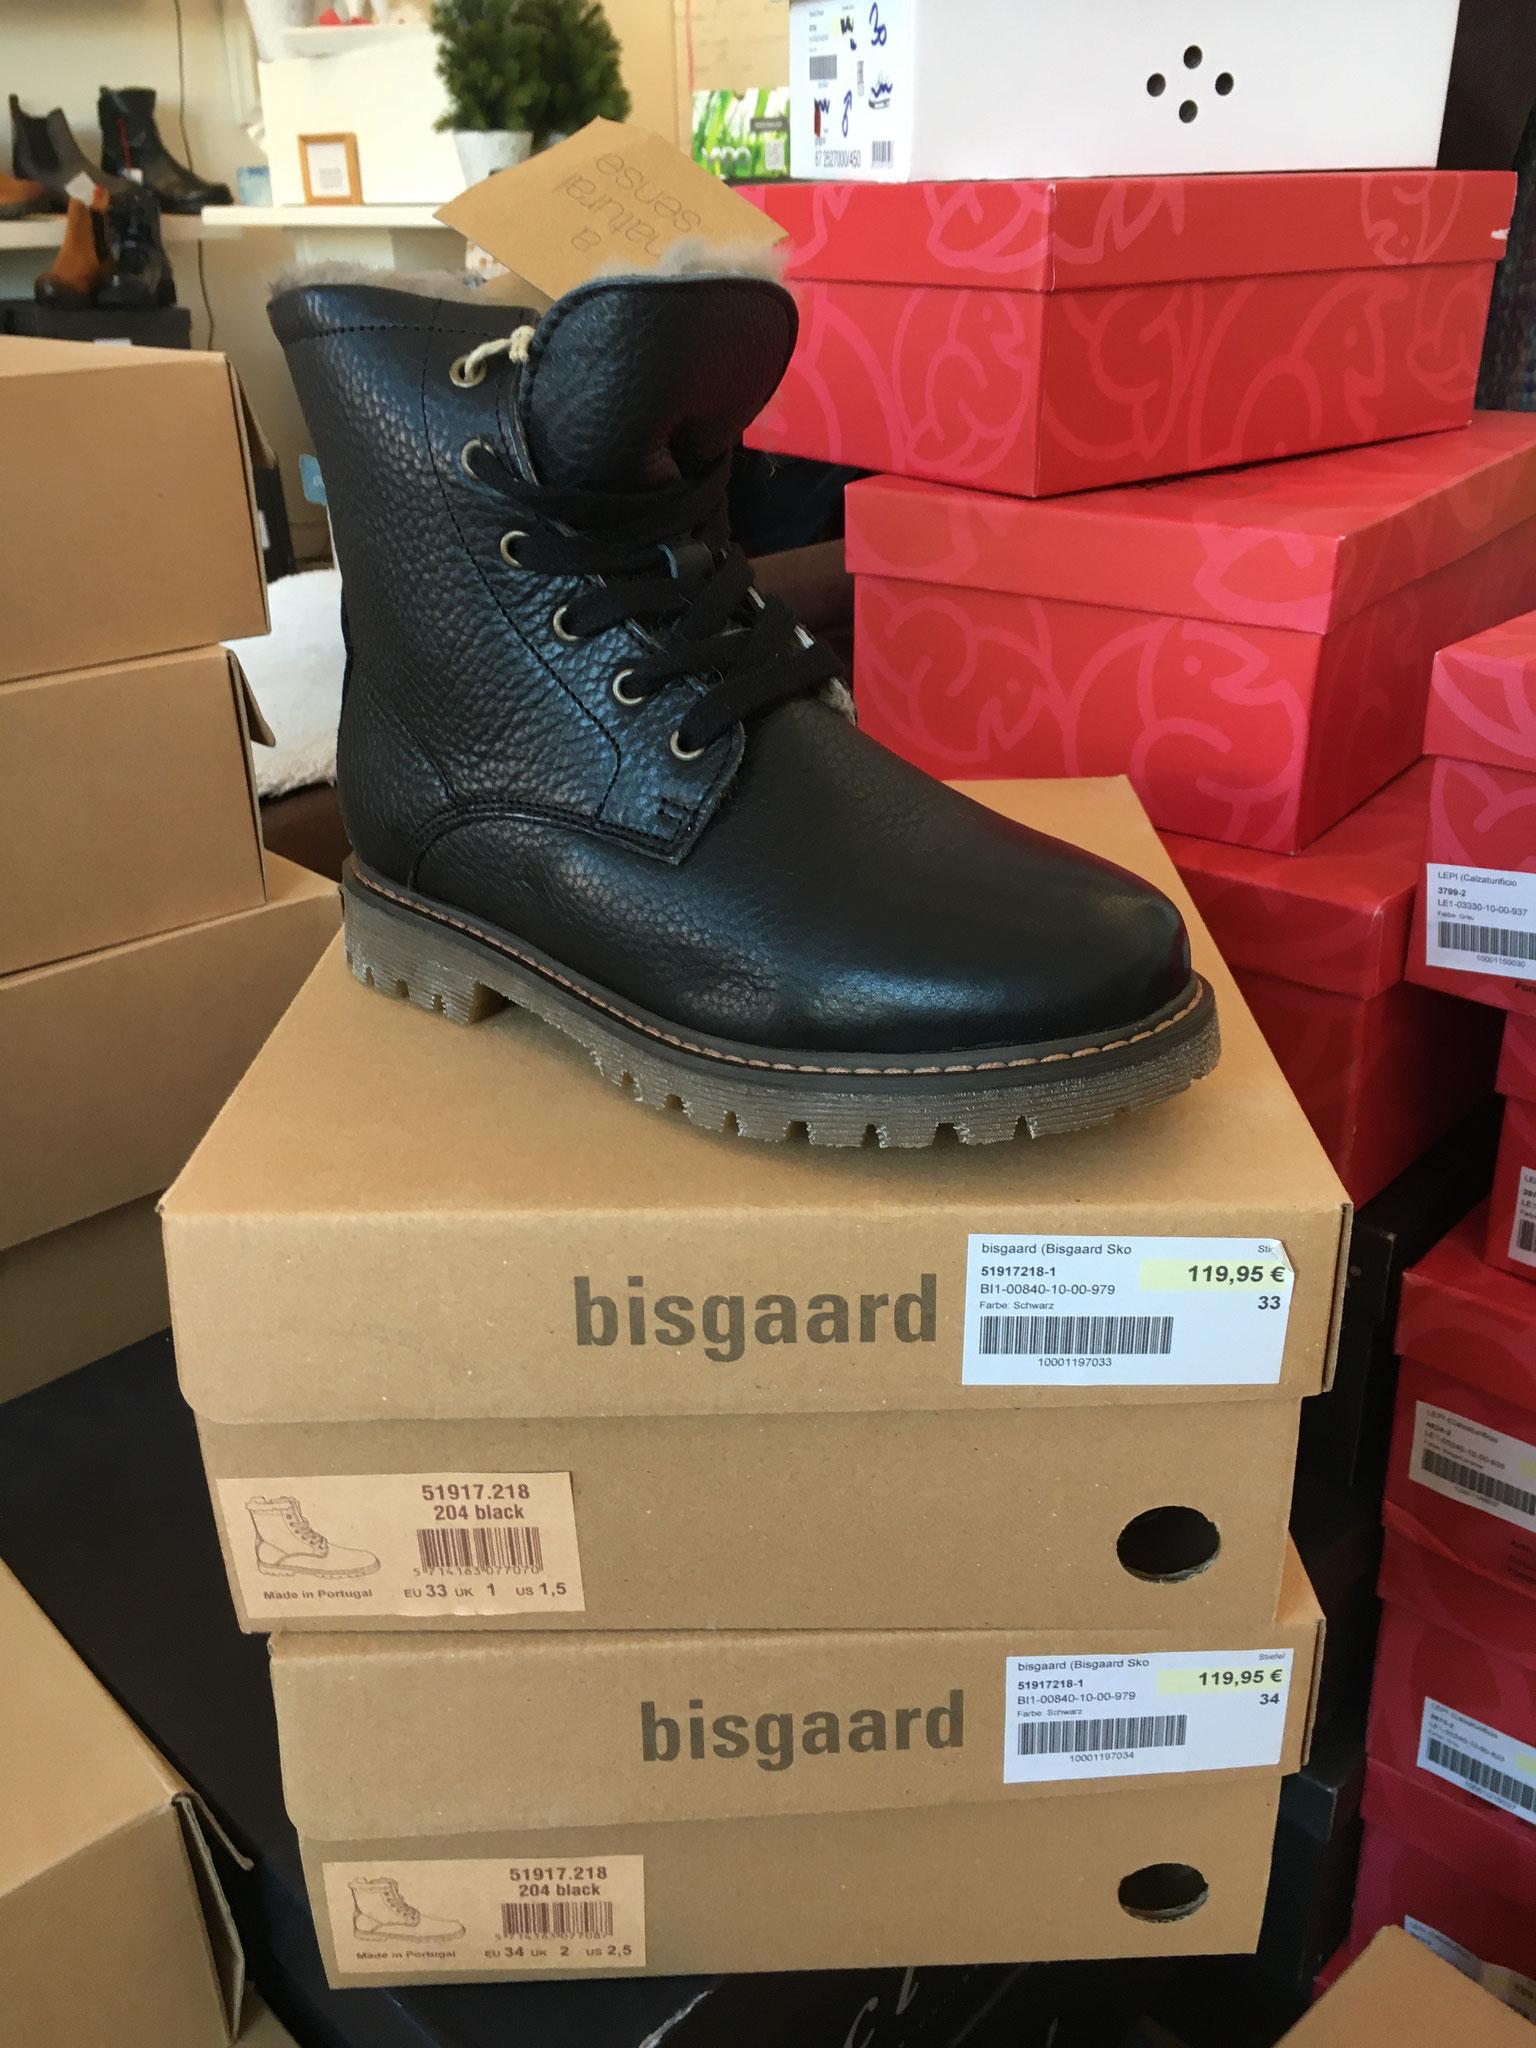 bisgaard - Größe 33/34 - jetzt 59,90 €